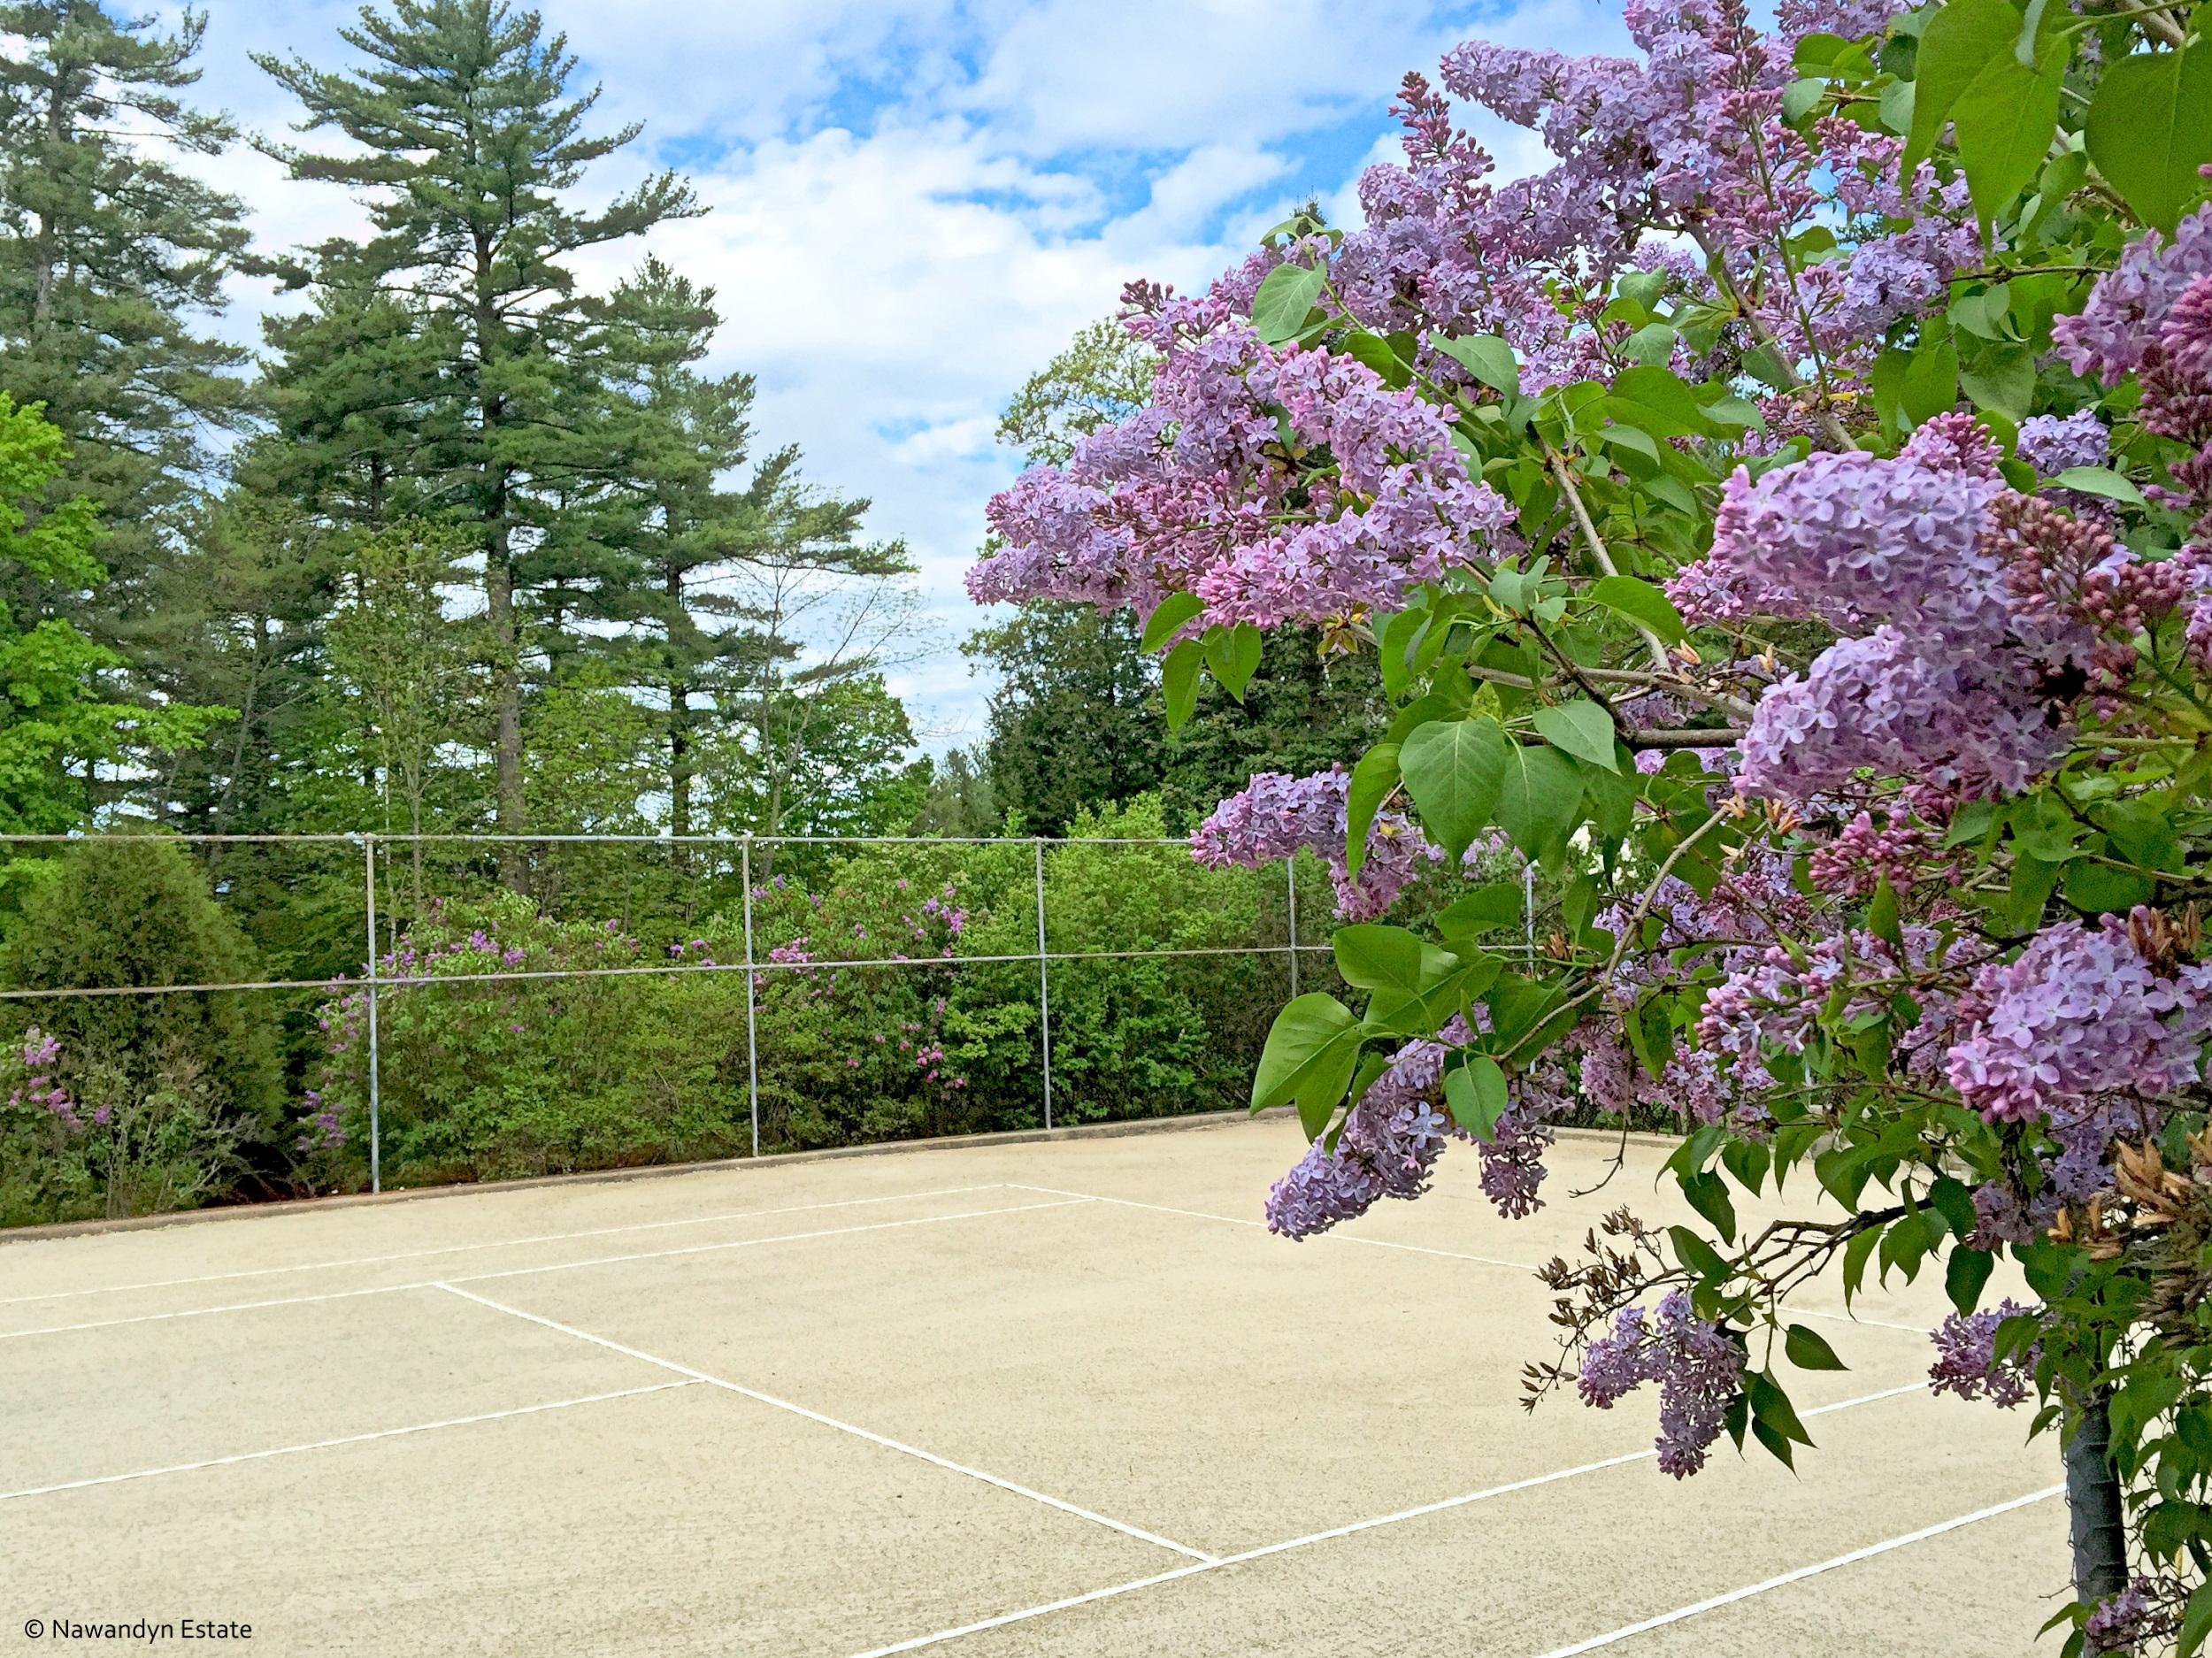 Lilacs surround tennis court